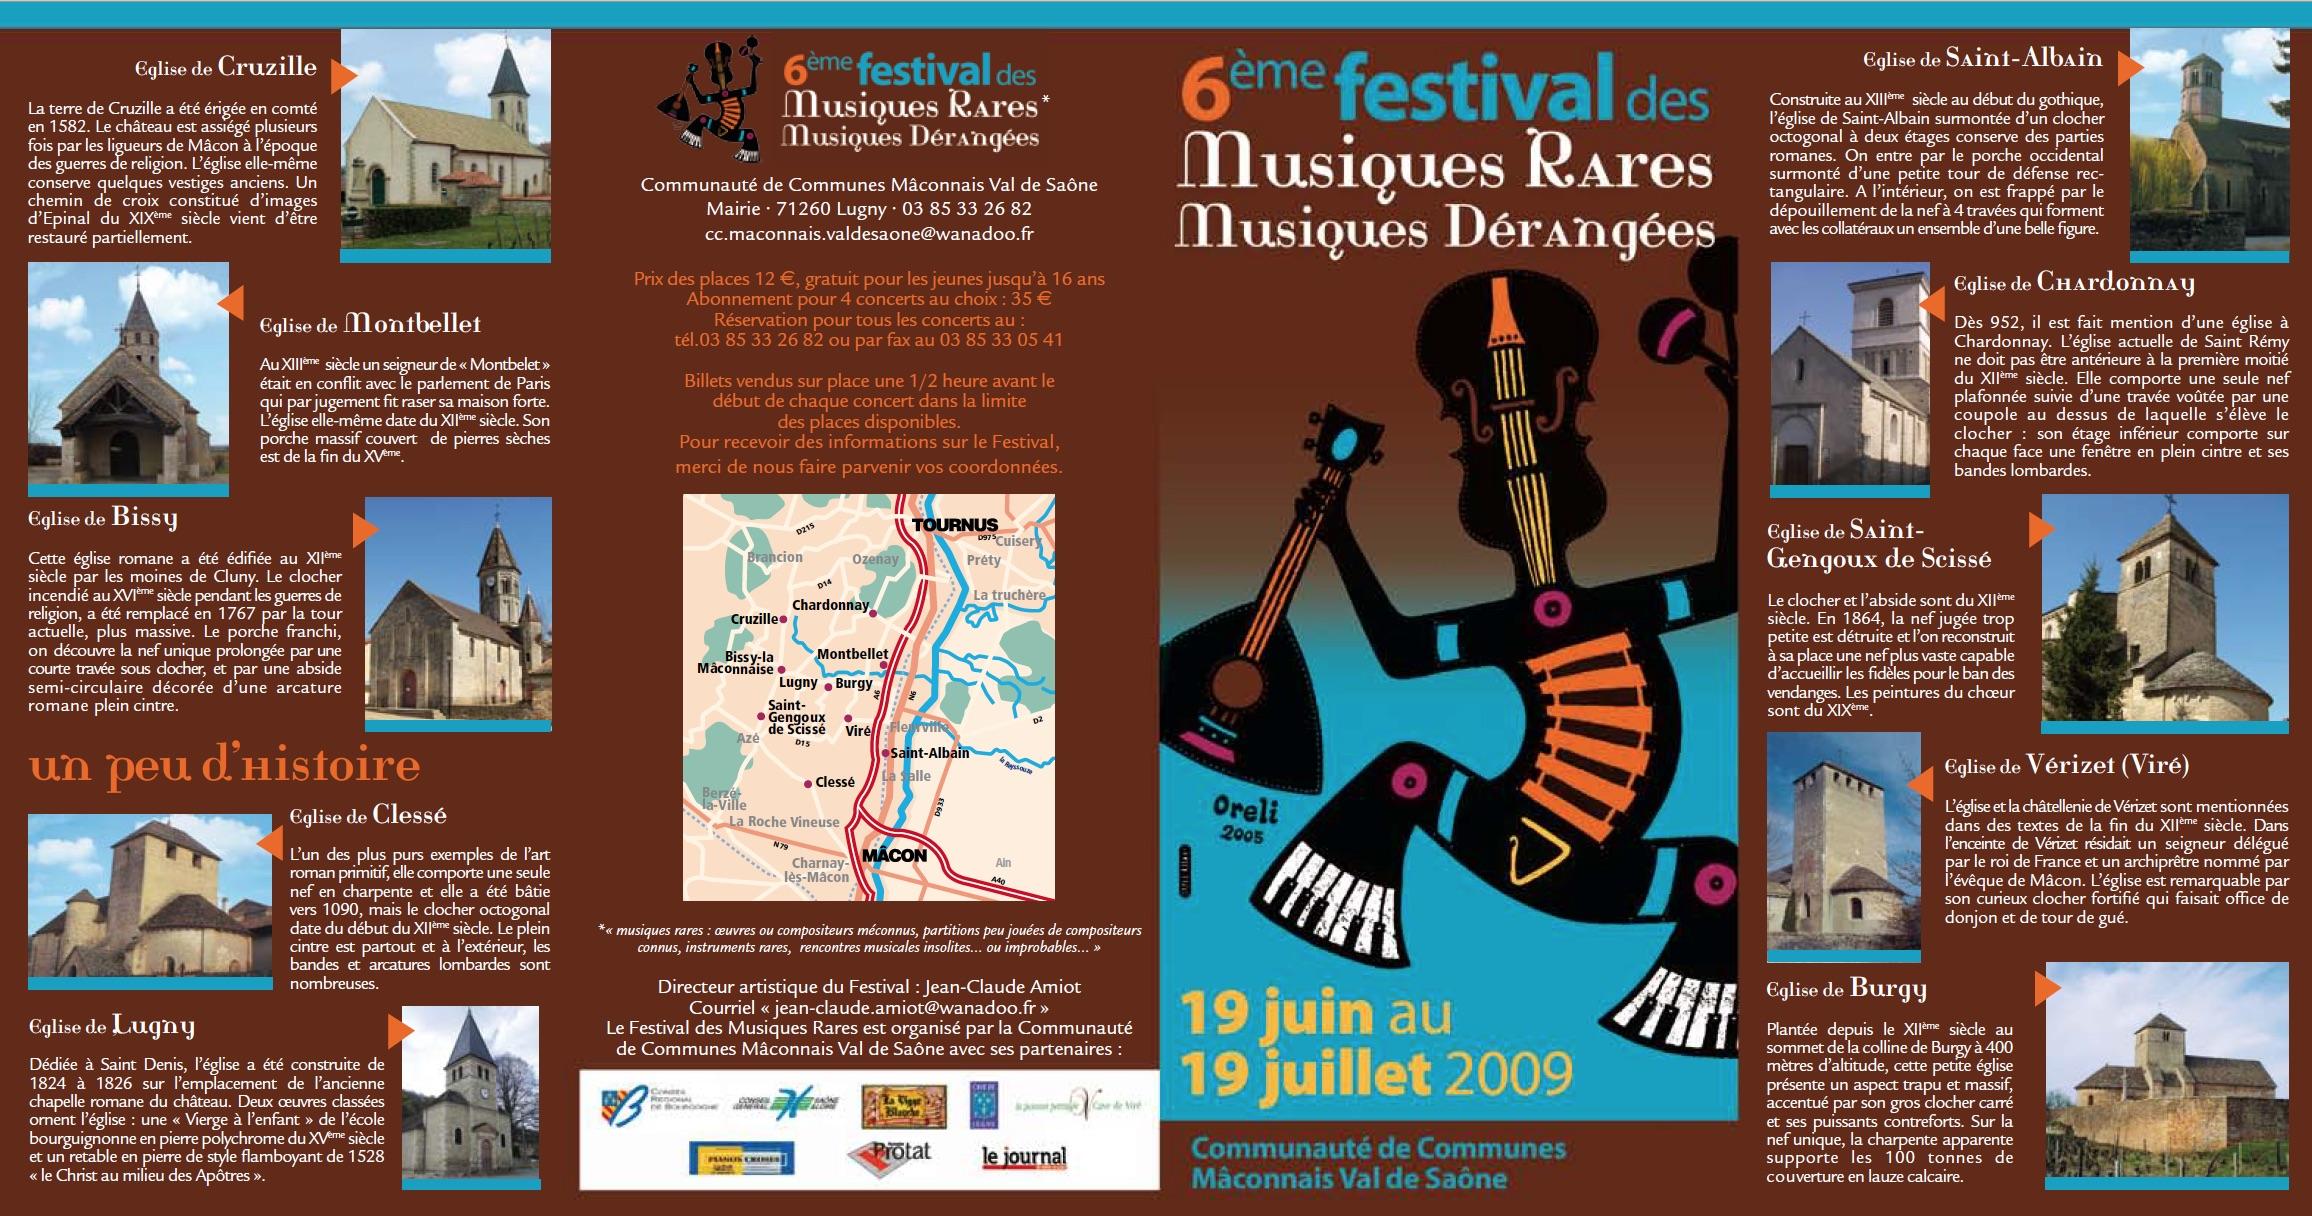 Festival des Musiques Rares_2009